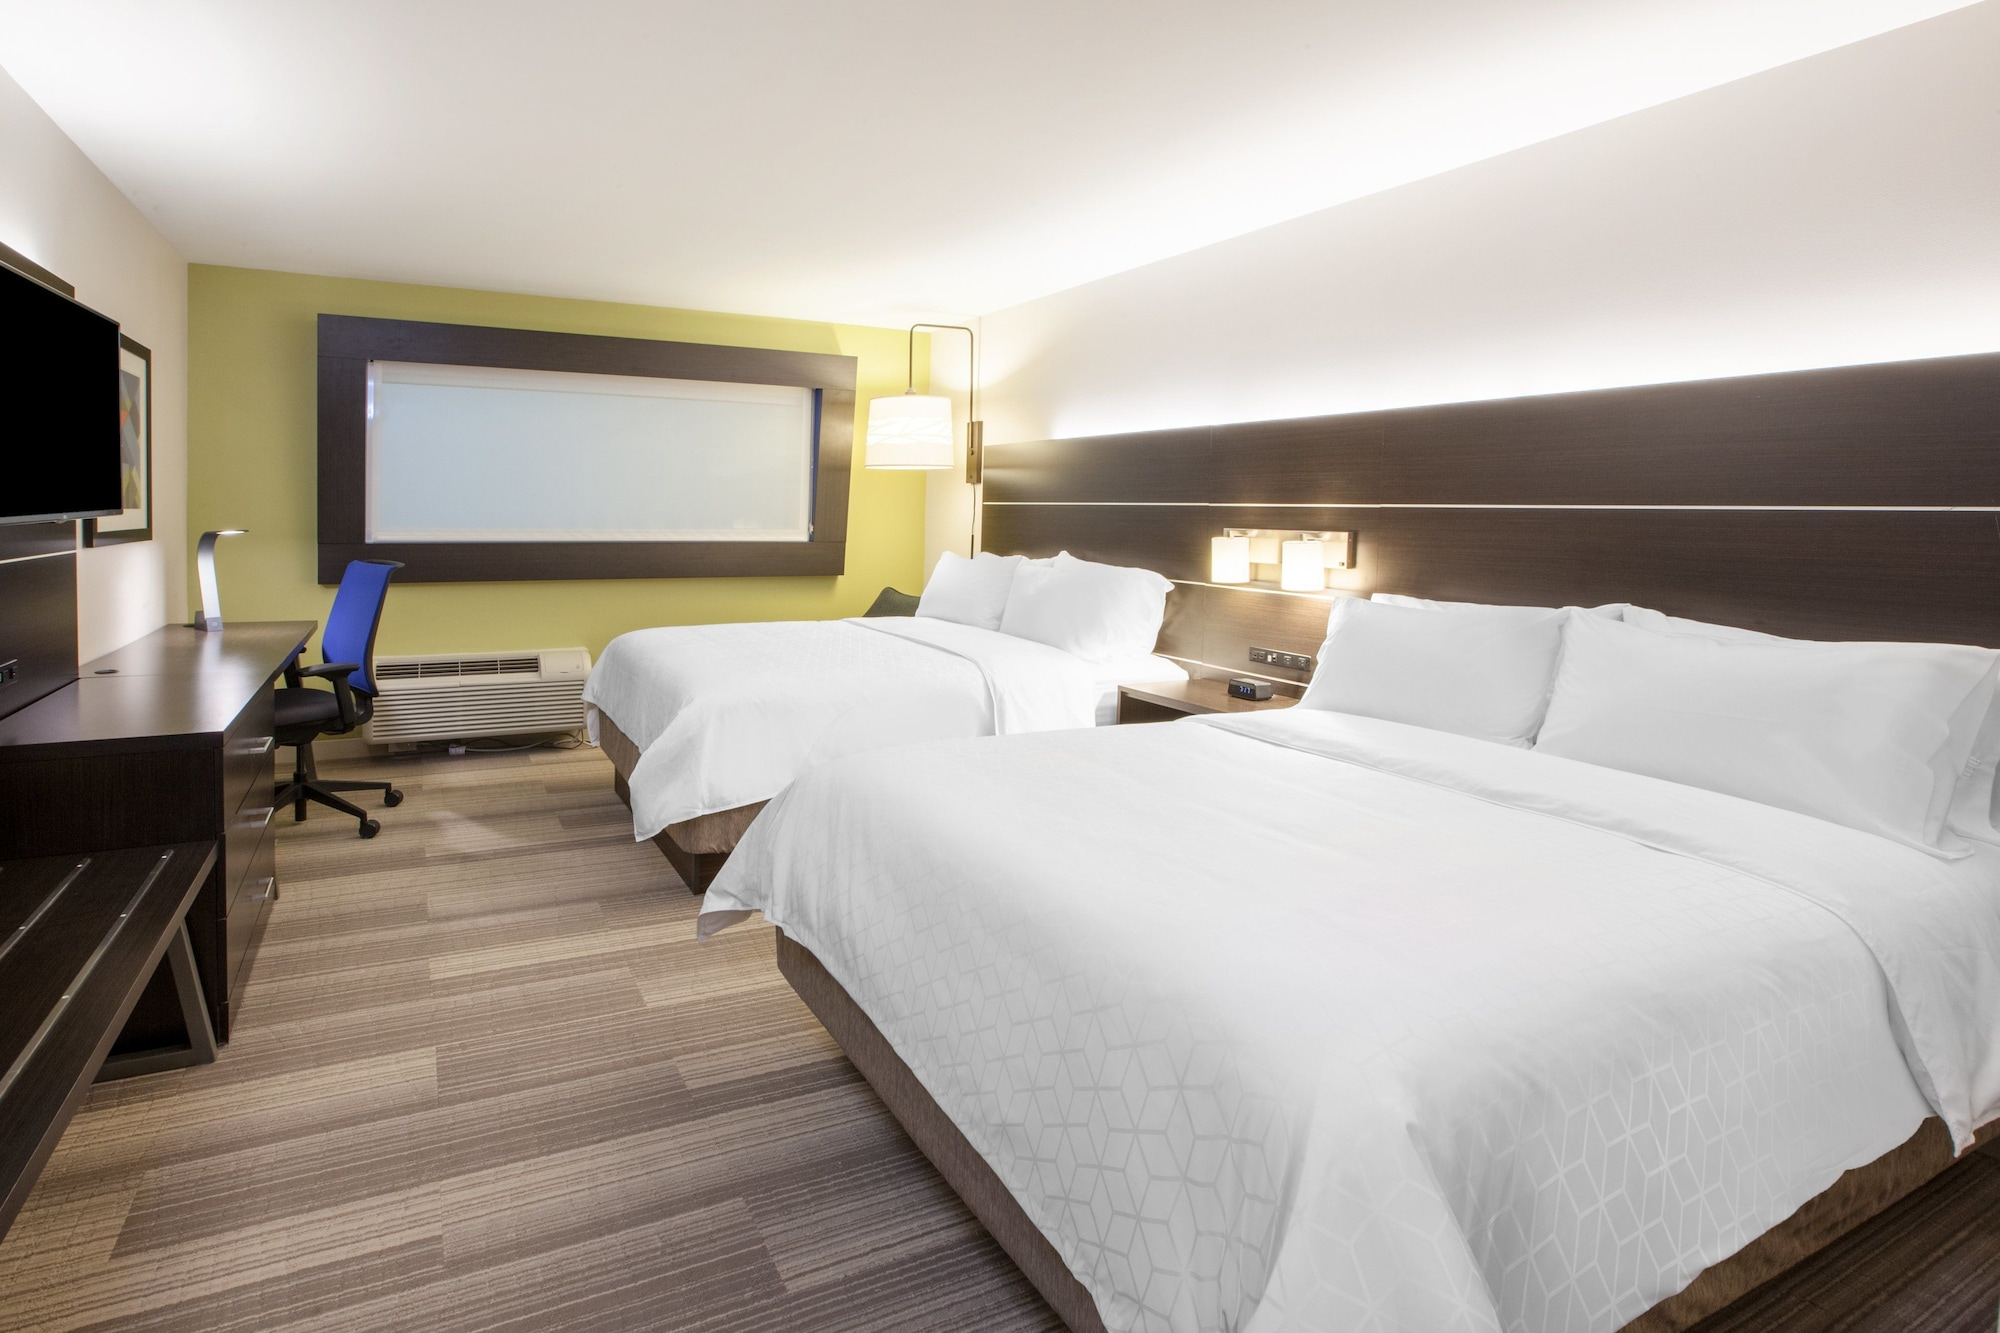 Holiday Inn Express & Suites Beloit, Rock